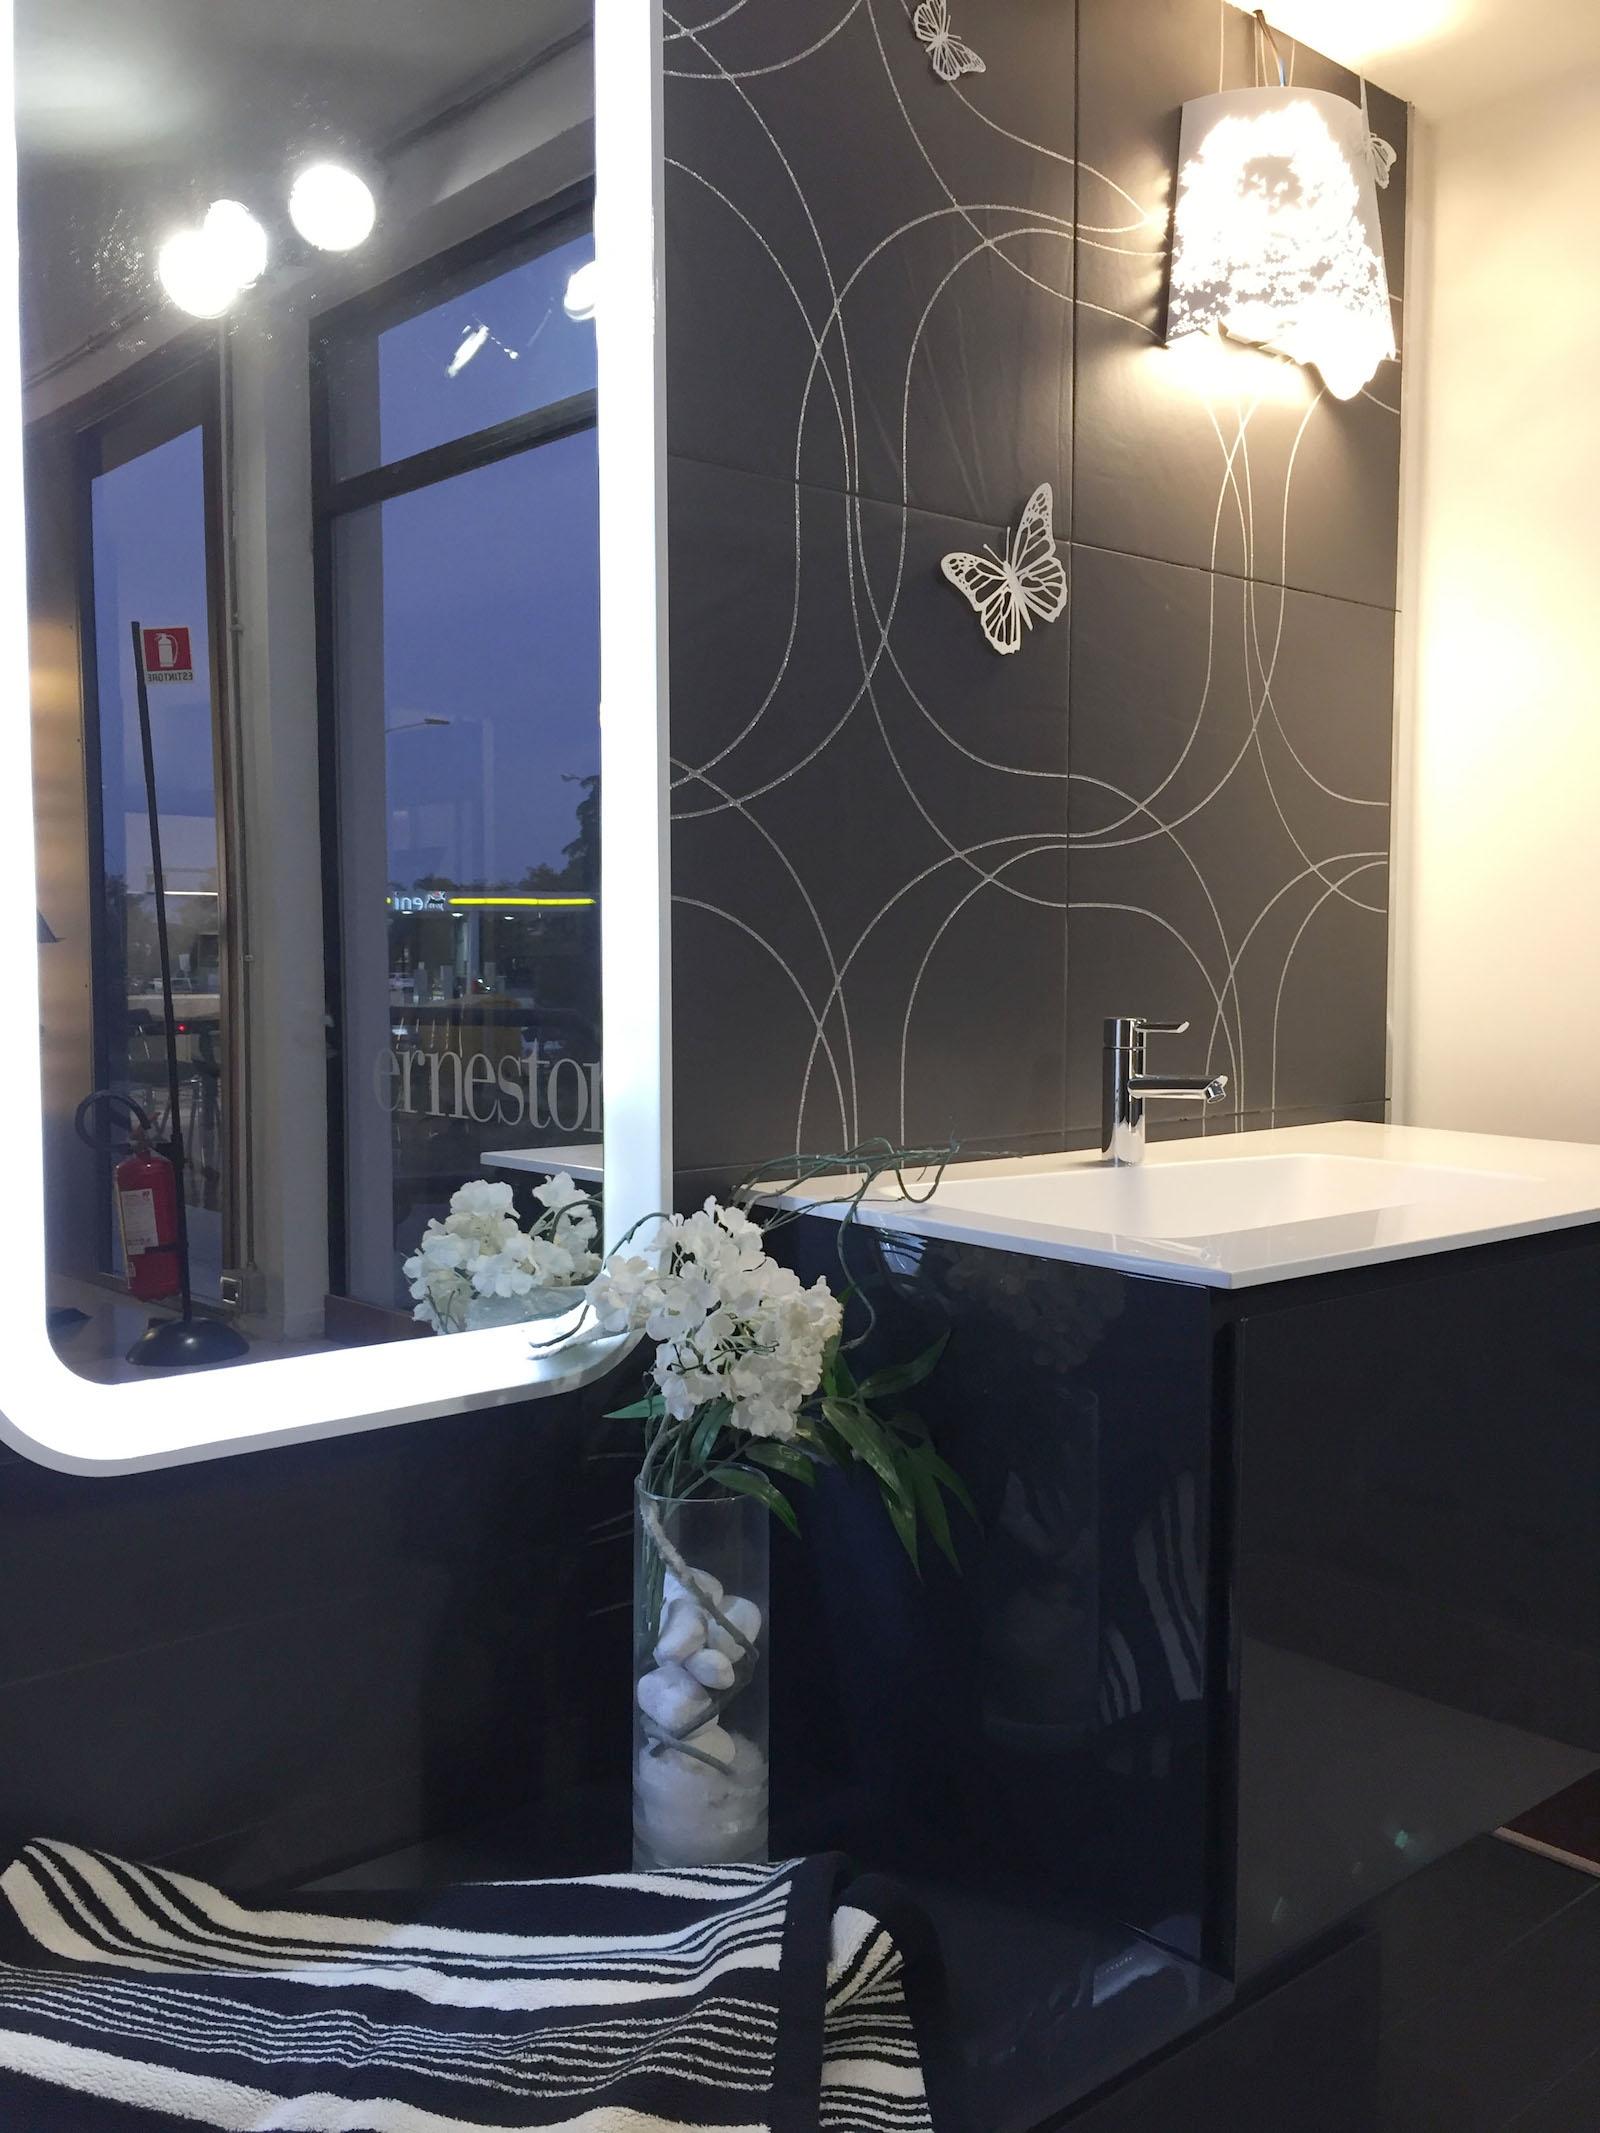 cerasa suede design laccato lucido sospeso - arredo bagno a prezzi ... - Arredo Bagno Castel San Pietro Terme